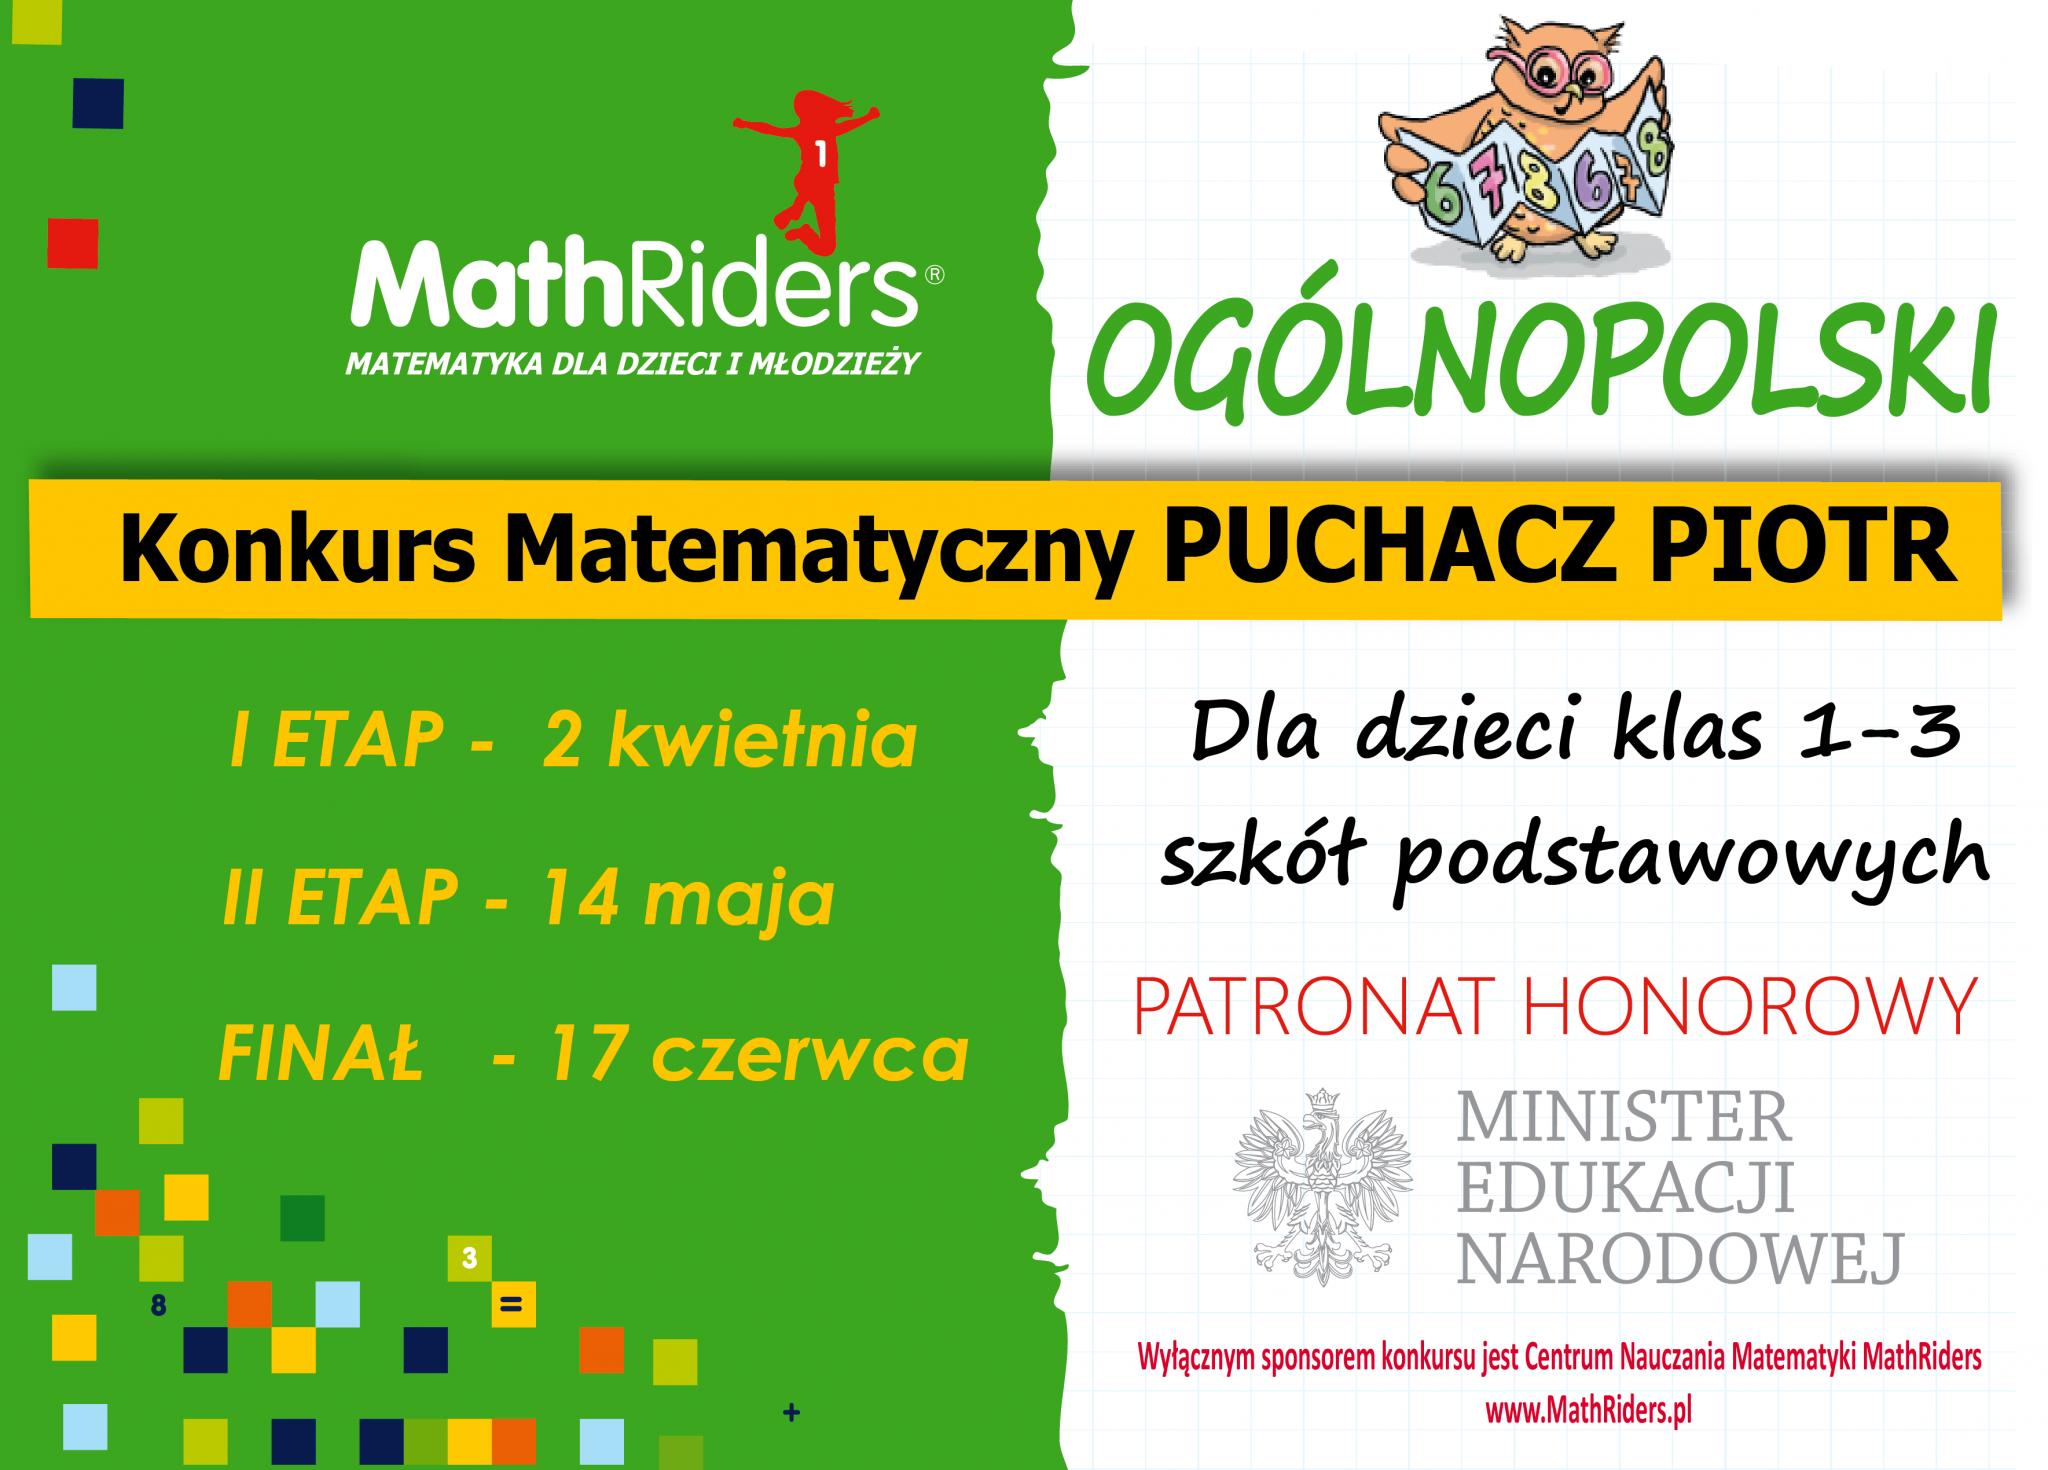 Konkurs matematyczny PUCHACZ PIOTR dla klas 1-3